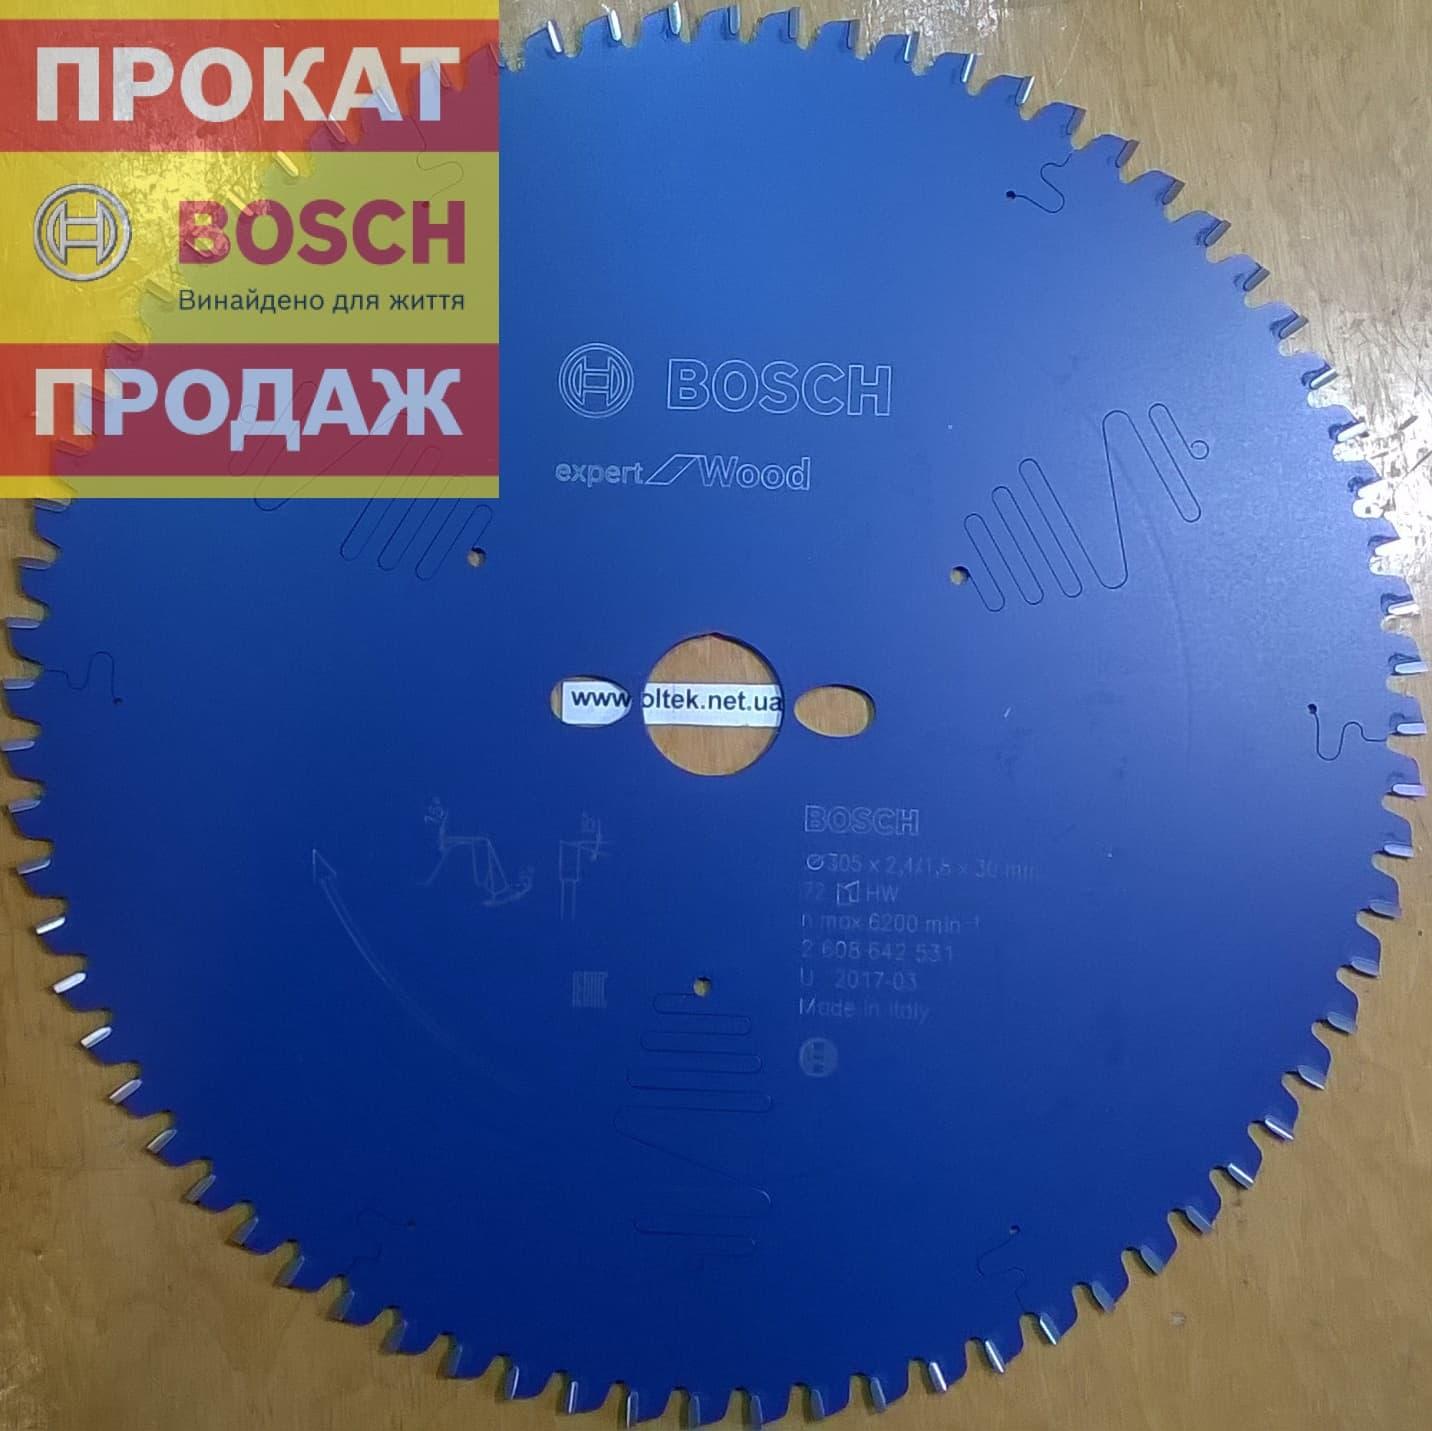 bosch-expert-305 -1